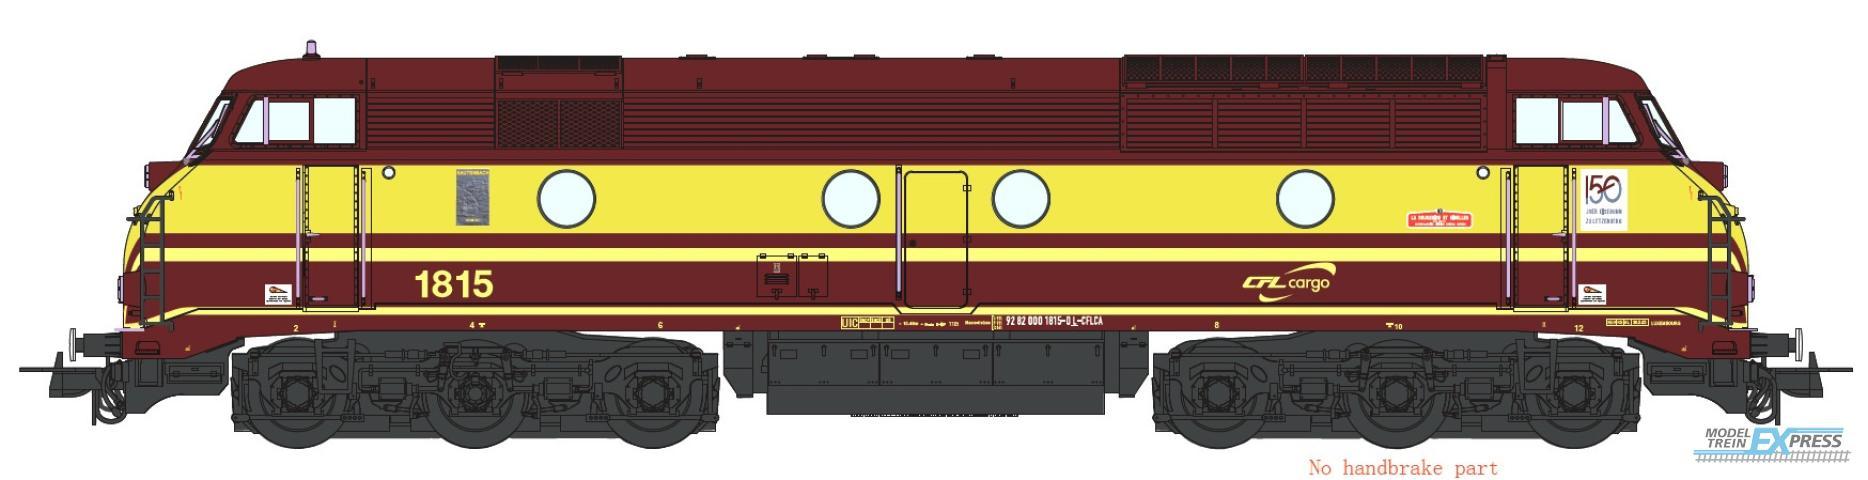 B-Models 20.907